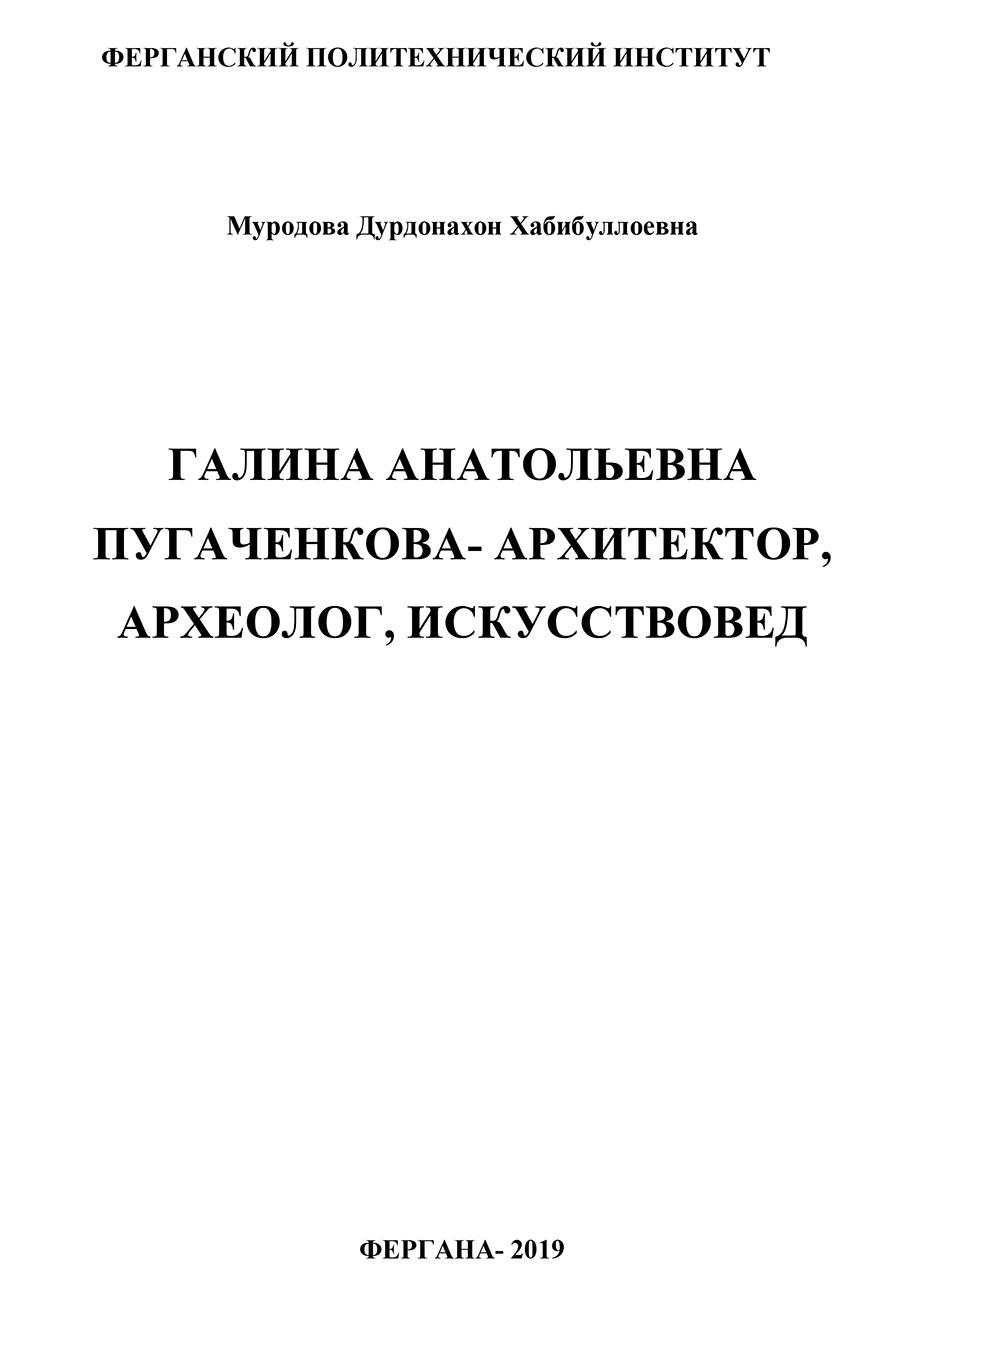 monografiya-1